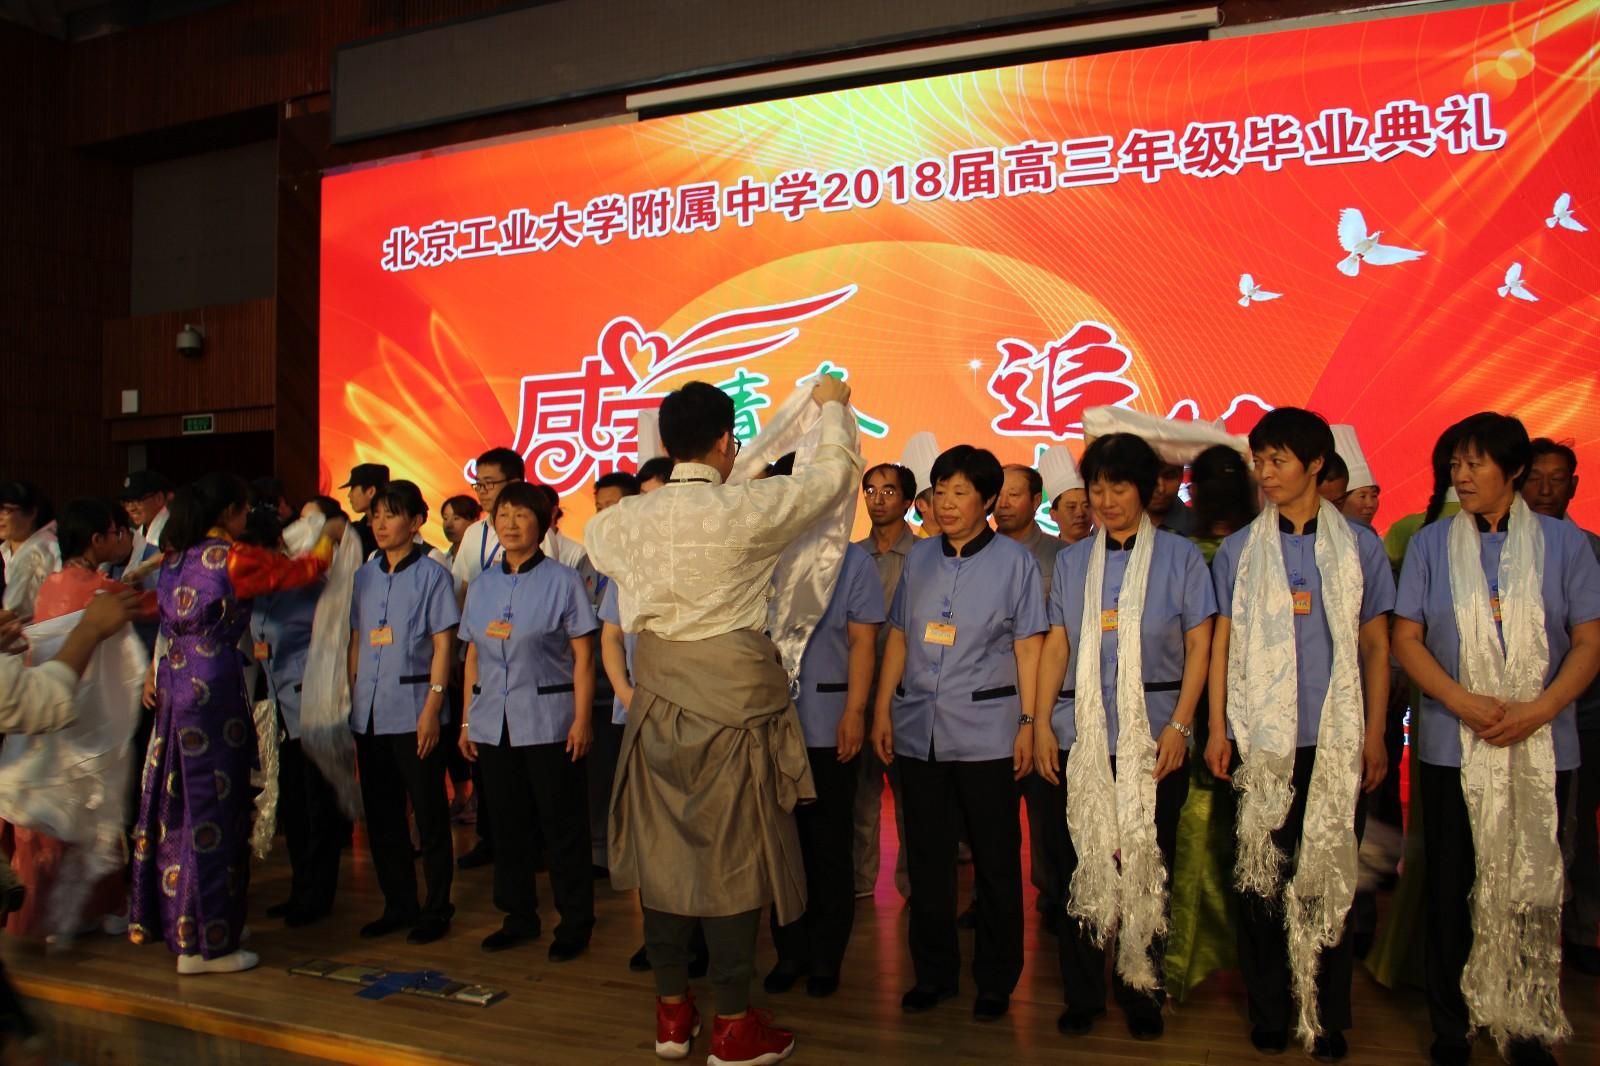 西藏生代表为永利网址后勤团队献哈达.JPG